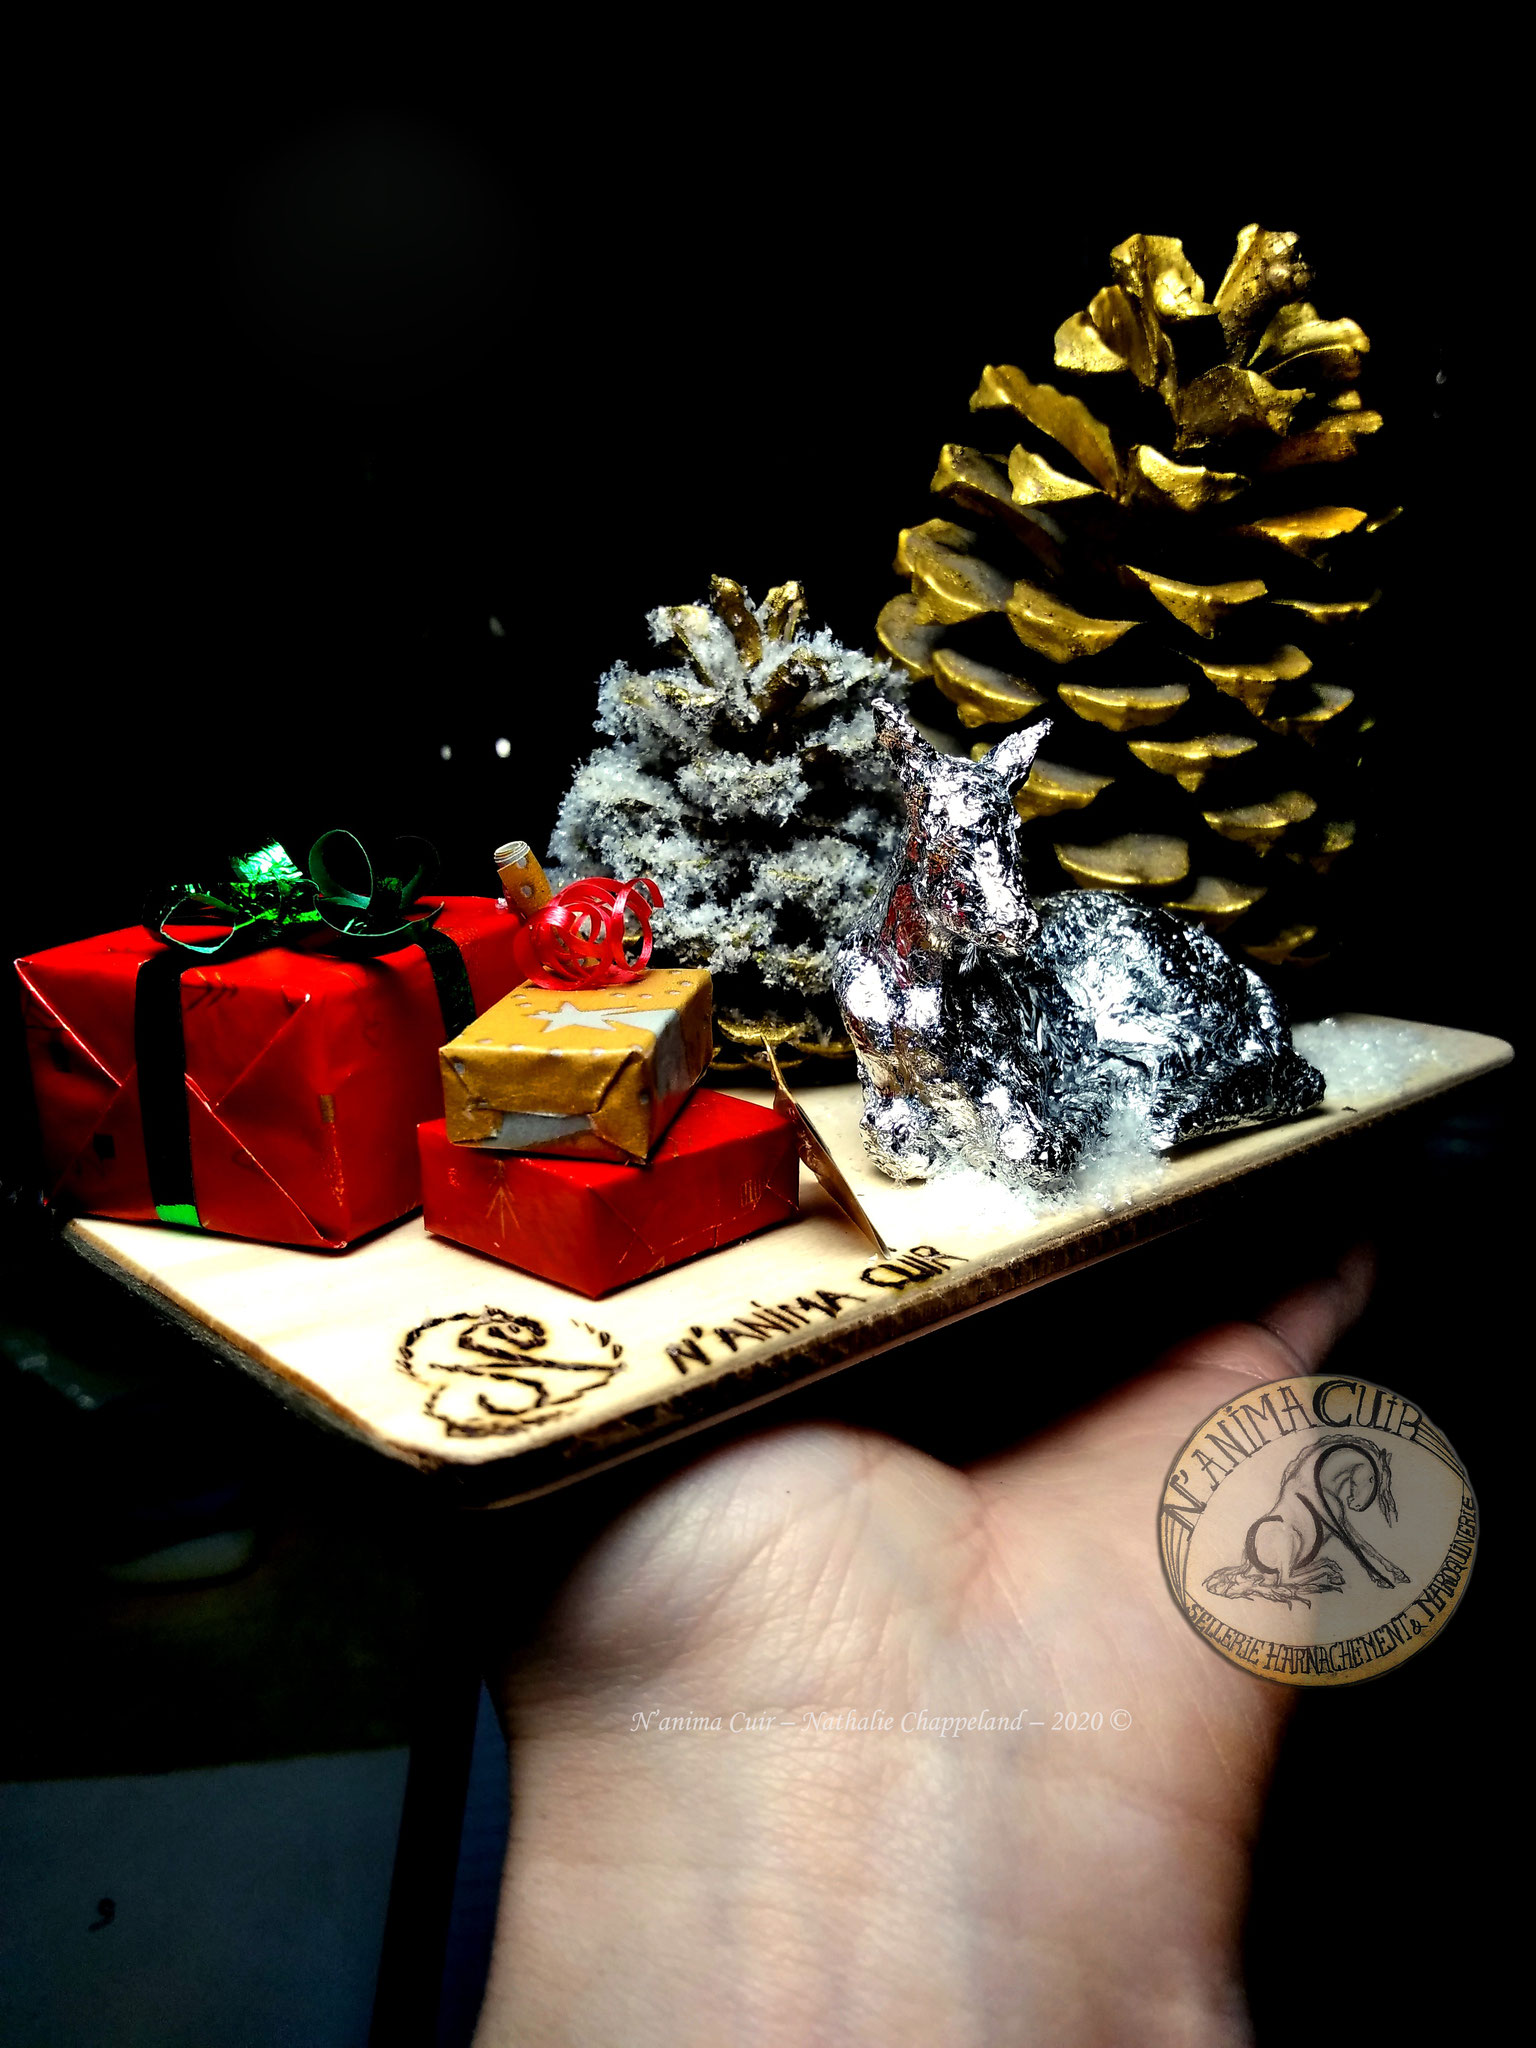 """décoration d'intérieur unique - thème Noël - N'anima Cuir2020 © bois travaillé, pommes de pins soigneusement choisies, nettoyées, séchées, peintes, [...] papier d'aluminium, réalisation de """"mémoire des formes"""""""